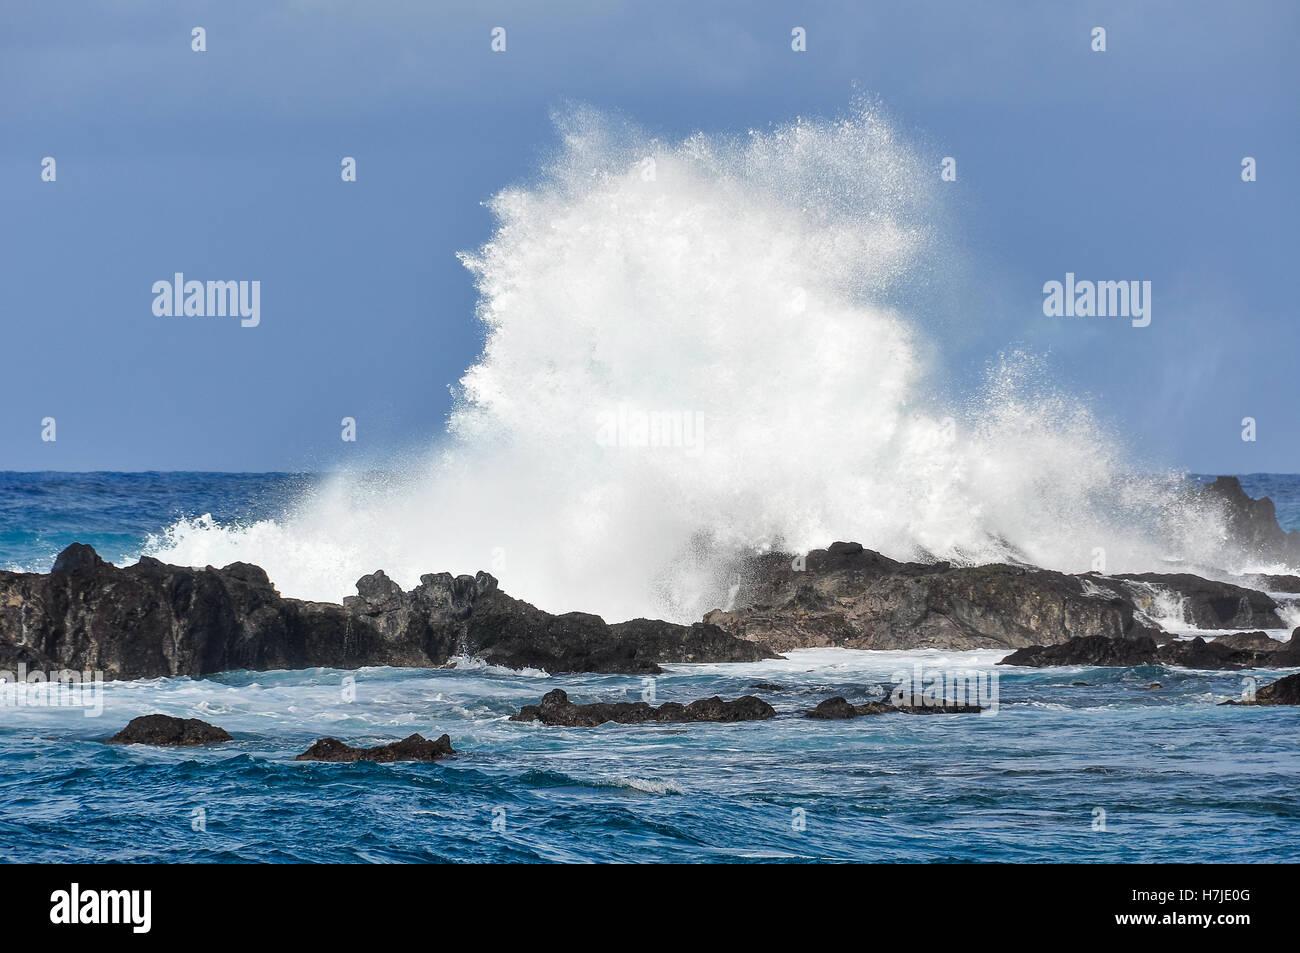 De grosses vagues dans le rude paysage côtier de l'île de Pâques, Chili Photo Stock